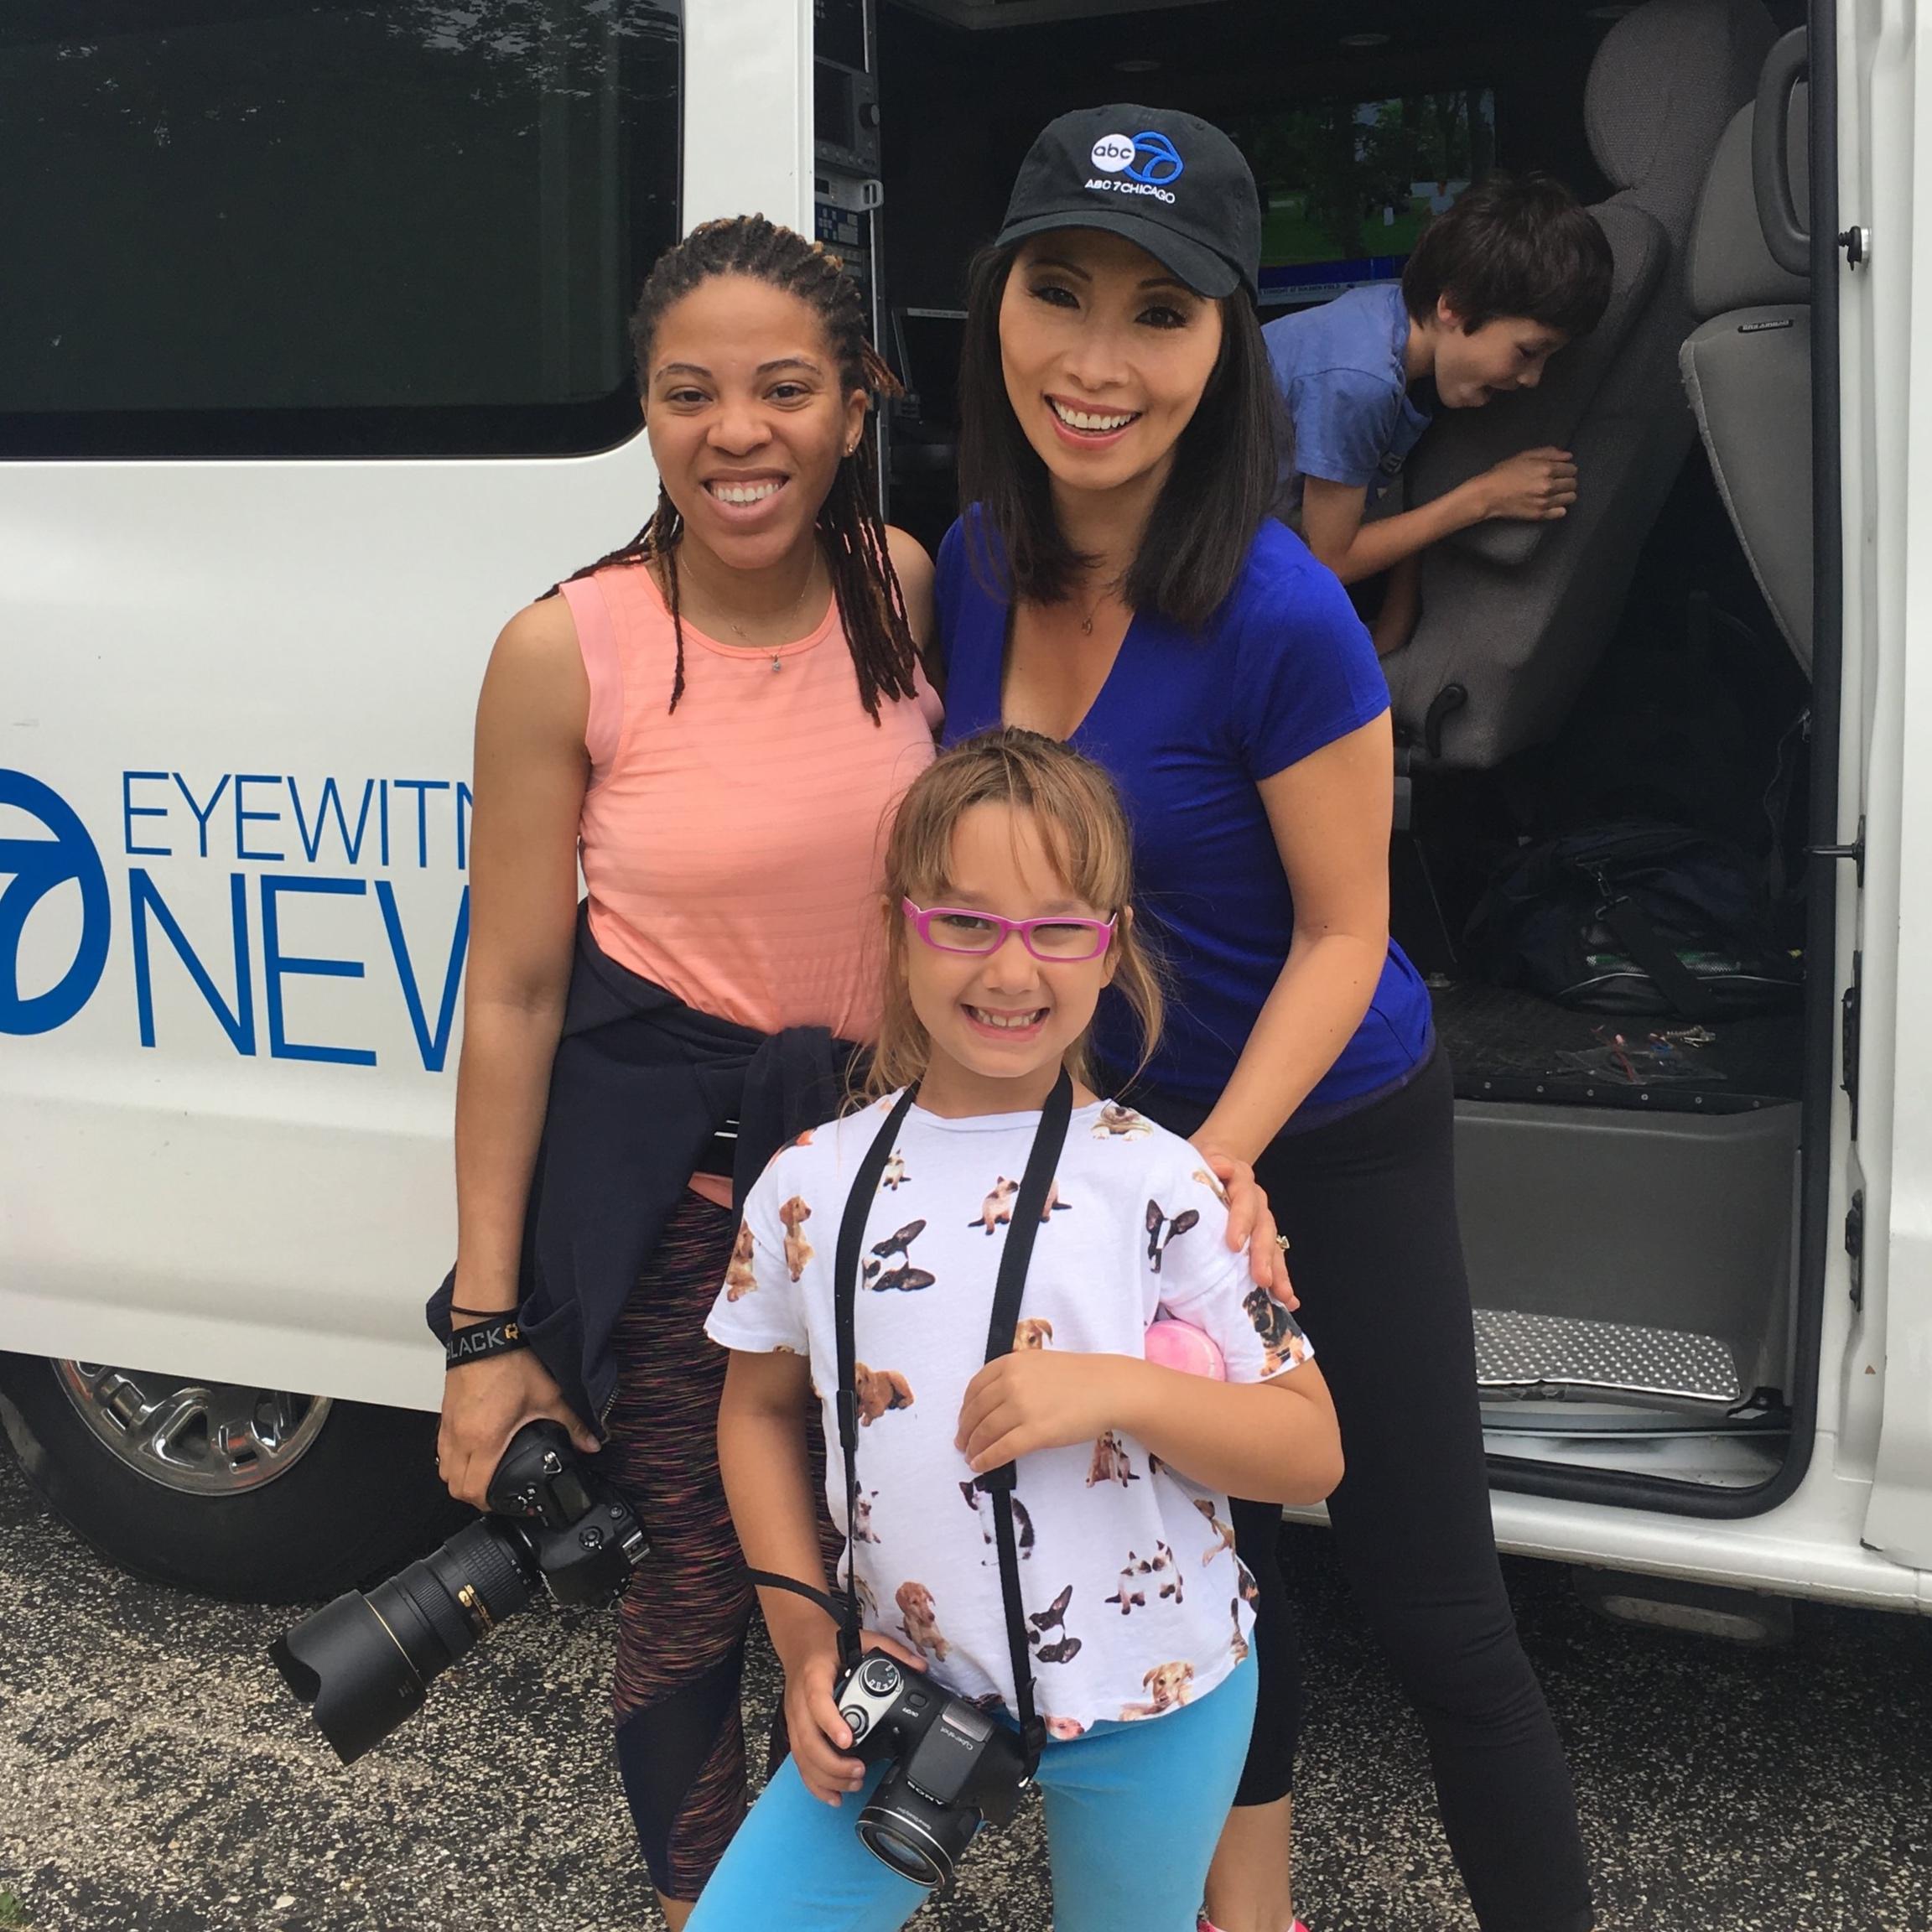 Judy Hsu of ABC 7 News